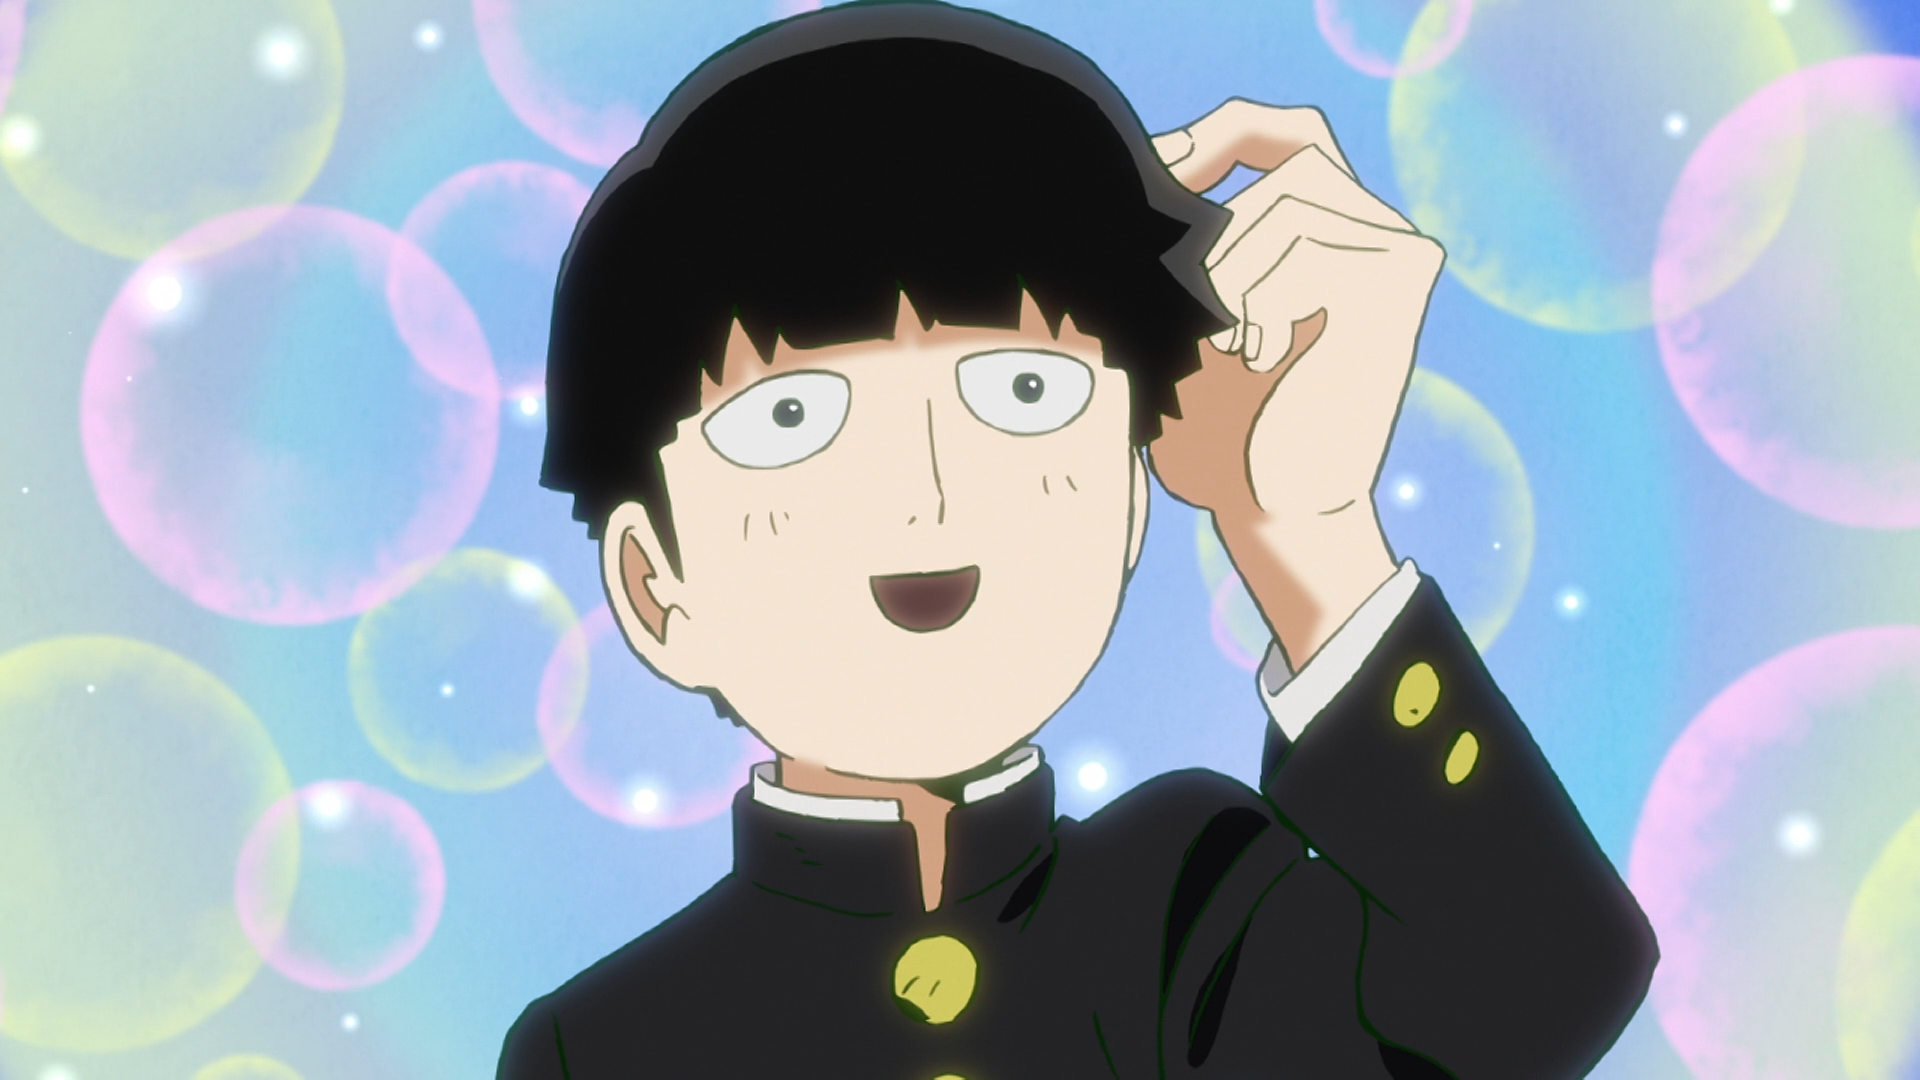 """Shigeo Kageyama, también conocido como """"Multitud"""", expresa satisfacción por una amenaza que confunde con un halago en una escena del anime de televisión Mob Psycho 100."""